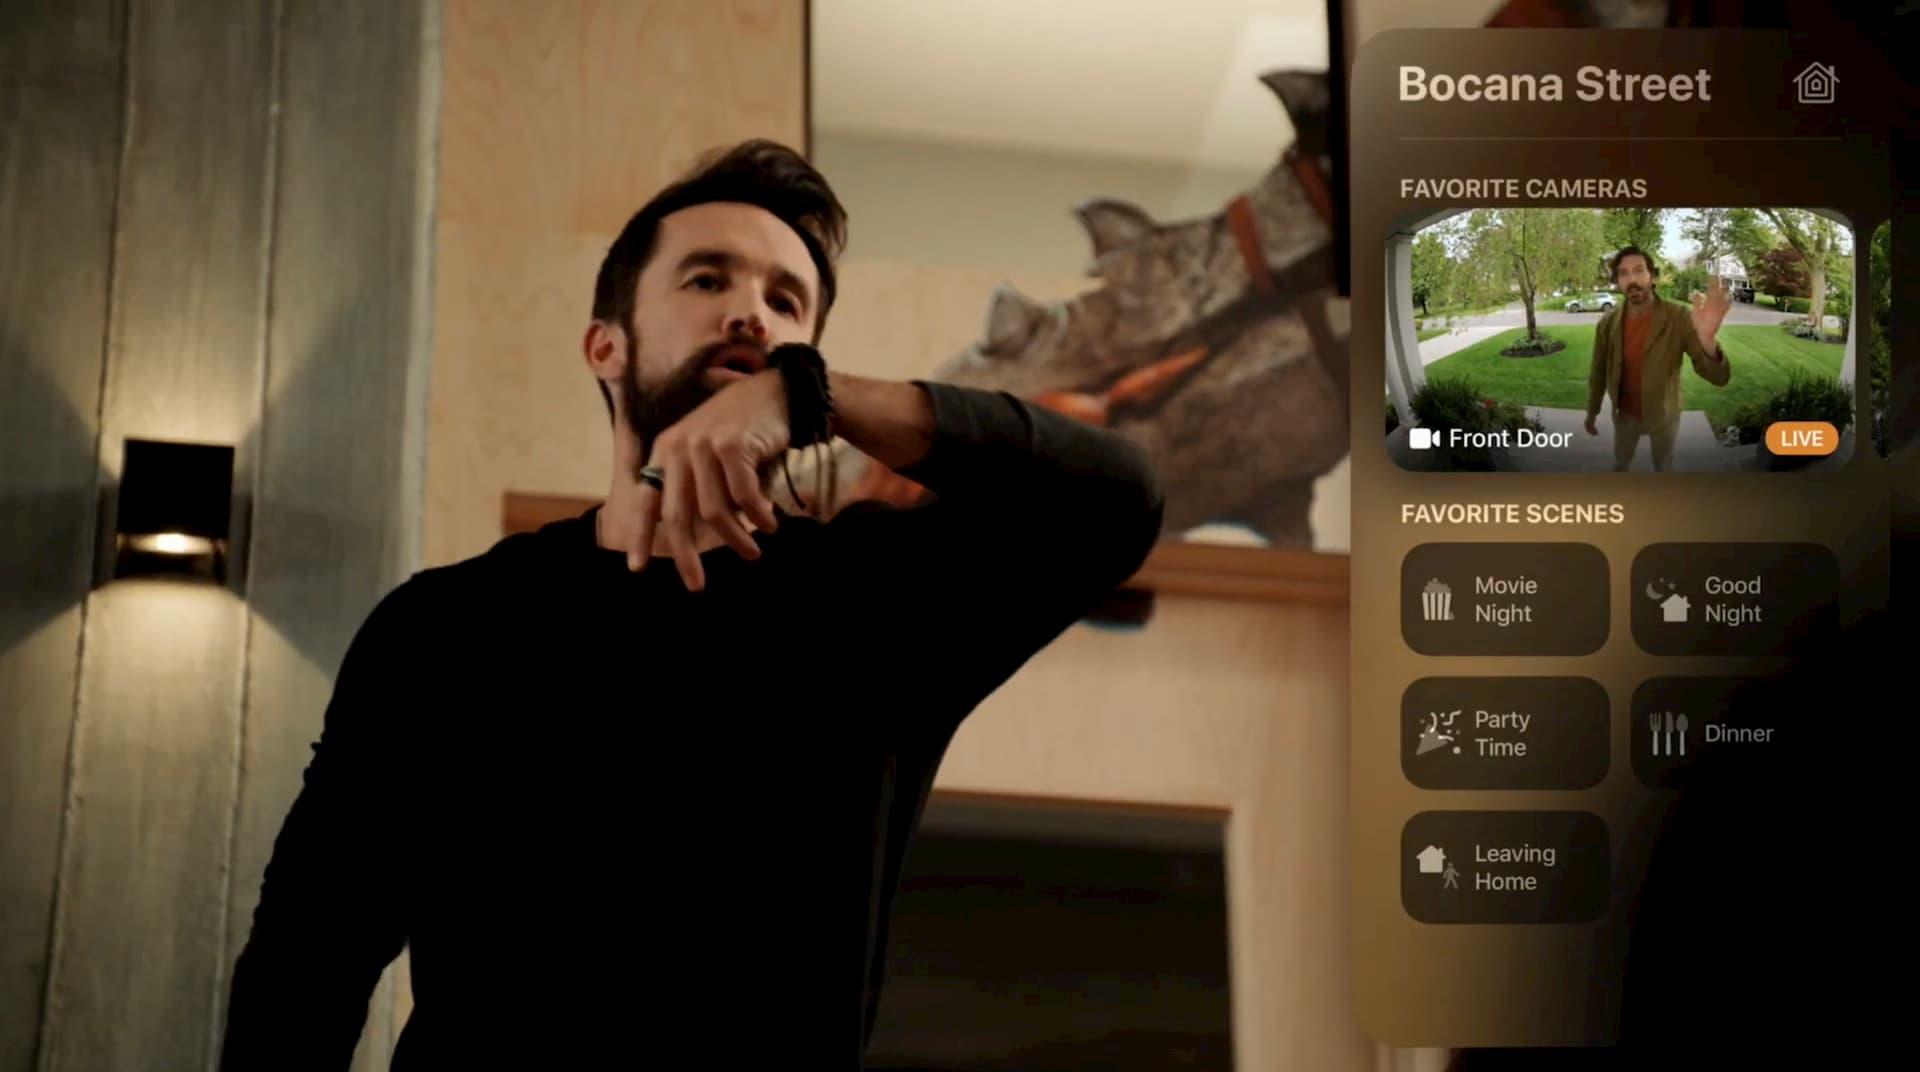 Apple TV features tvOS 14 - New HomeKit controls for doorbells and security cameras